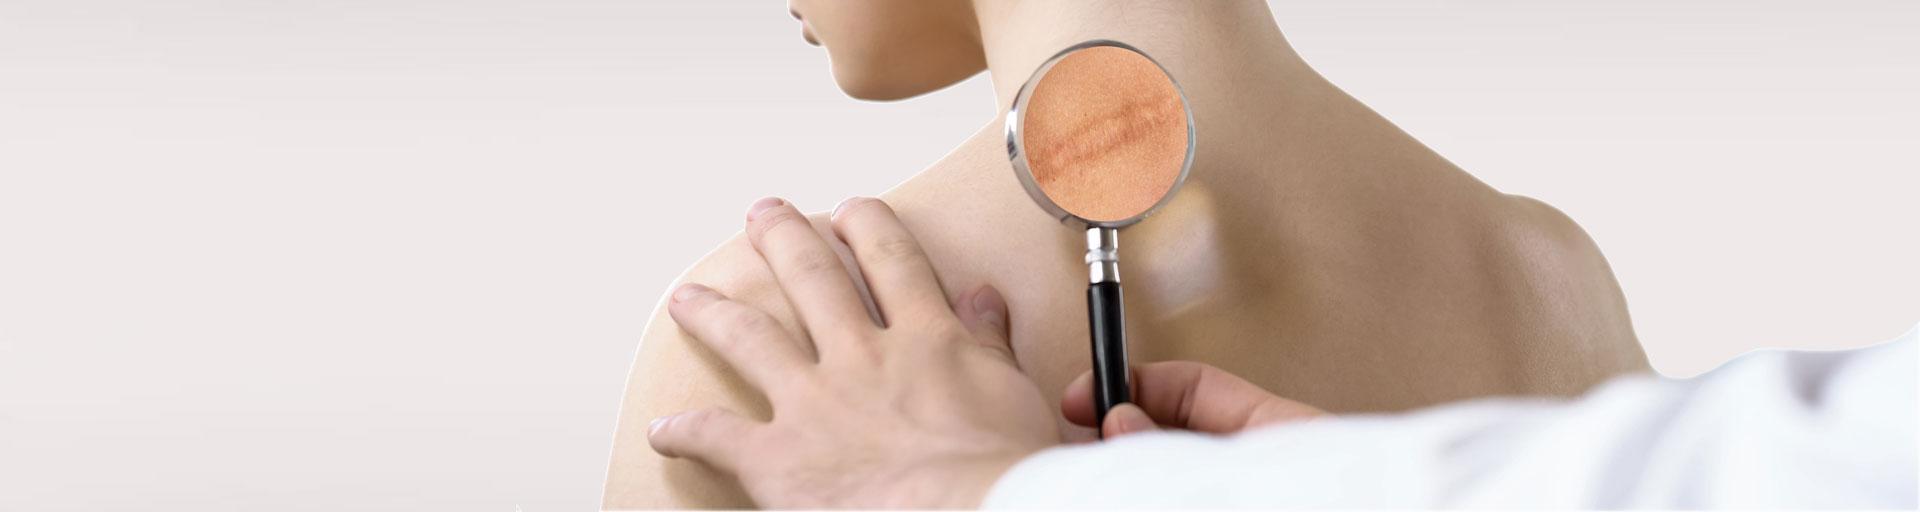 narbenbehandlung-plastische-chirurgie-b